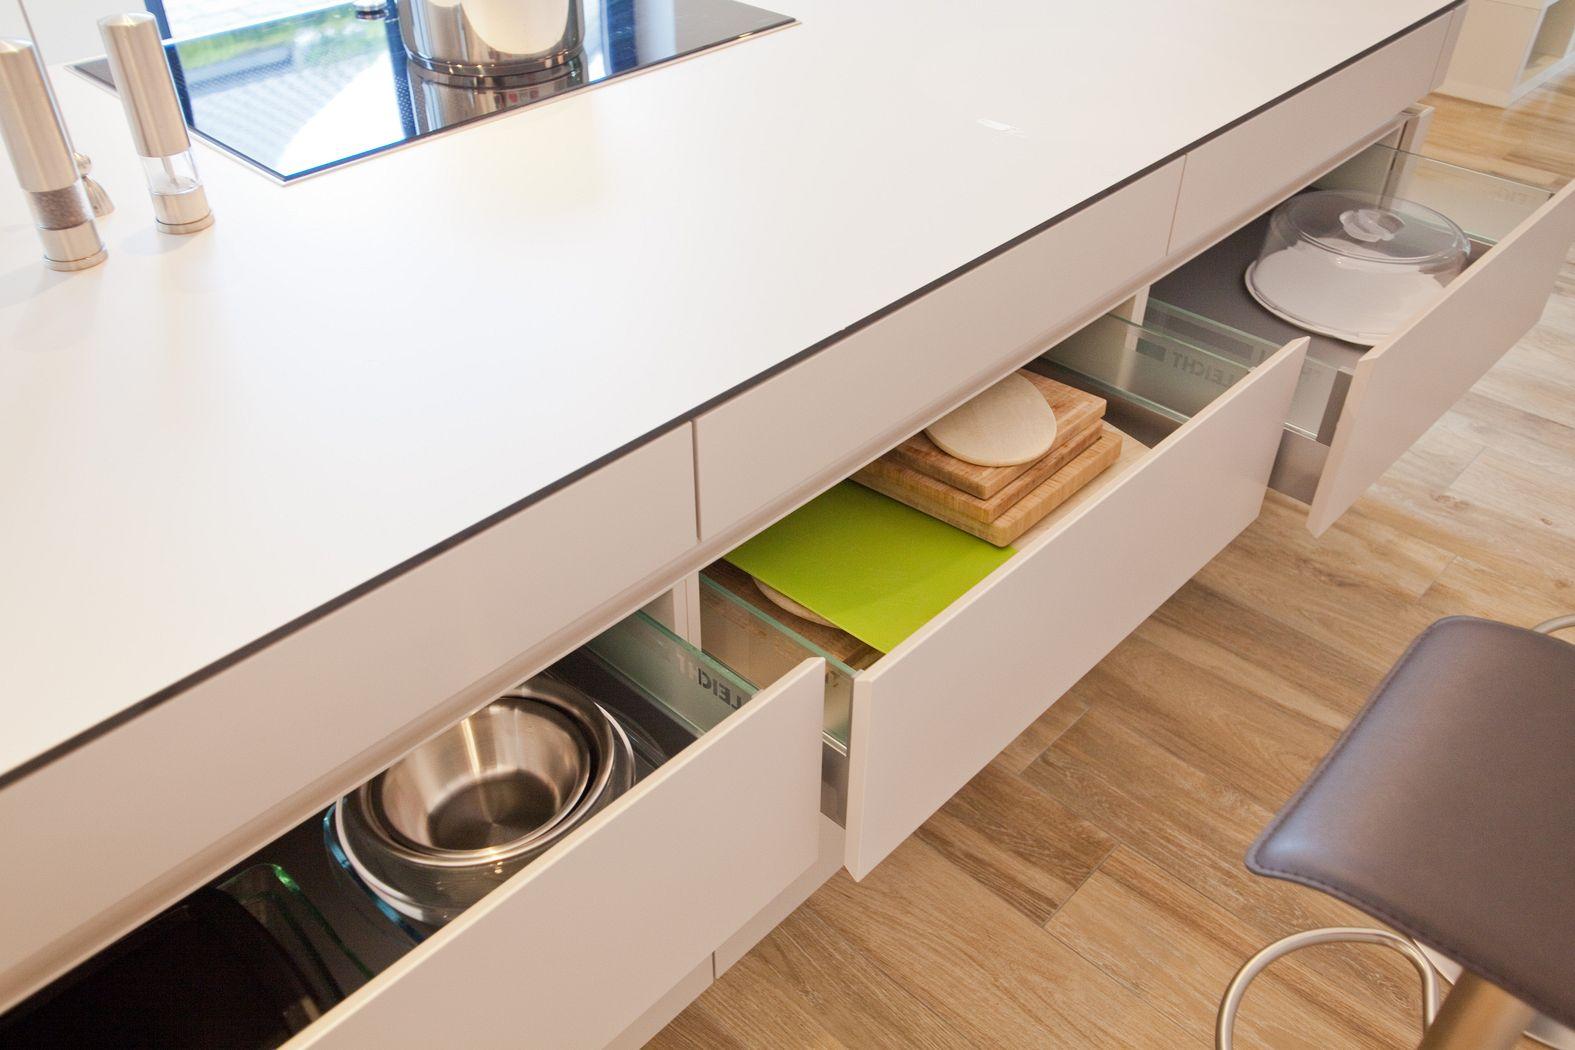 Leicht Küche grifflos in grau mit riesiger Kochinsel - Küchenhaus ... | {Leicht küchen grifflos 27}